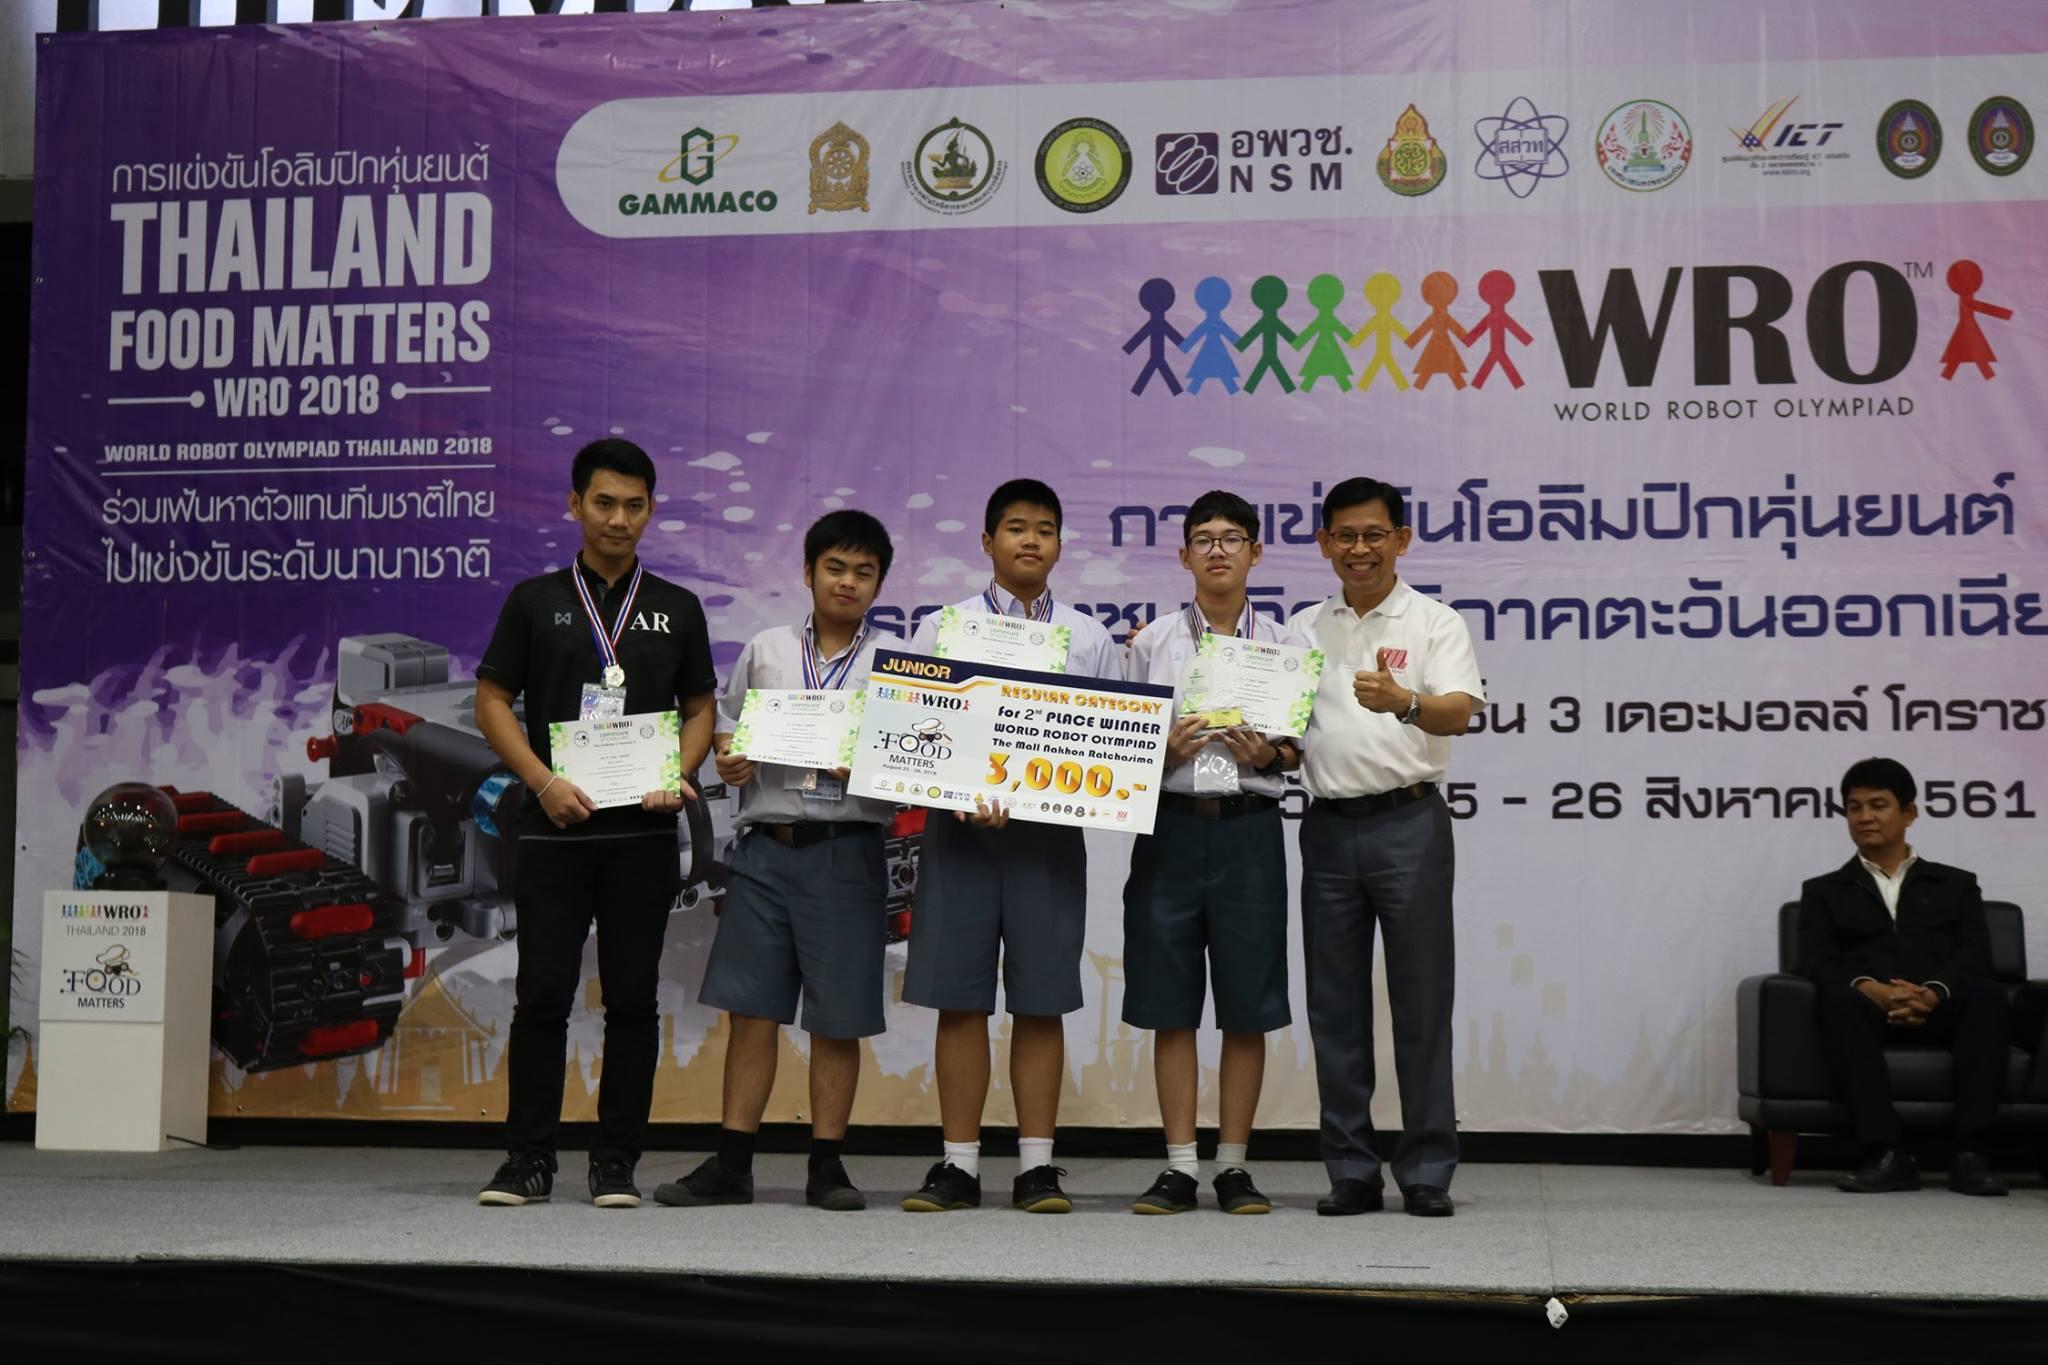 โรงเรียนสาธิตมหาวิทยาลัยมหาสารคาม (ฝ่ายมัธยม) ได้นำนักเรียนเข้าร่วมการแข่งขันโอลิมปิกหุ่นยนต์ (WRO2018) รอบชิงแชมป์ภาคตะวันออกเฉียงเหนือ